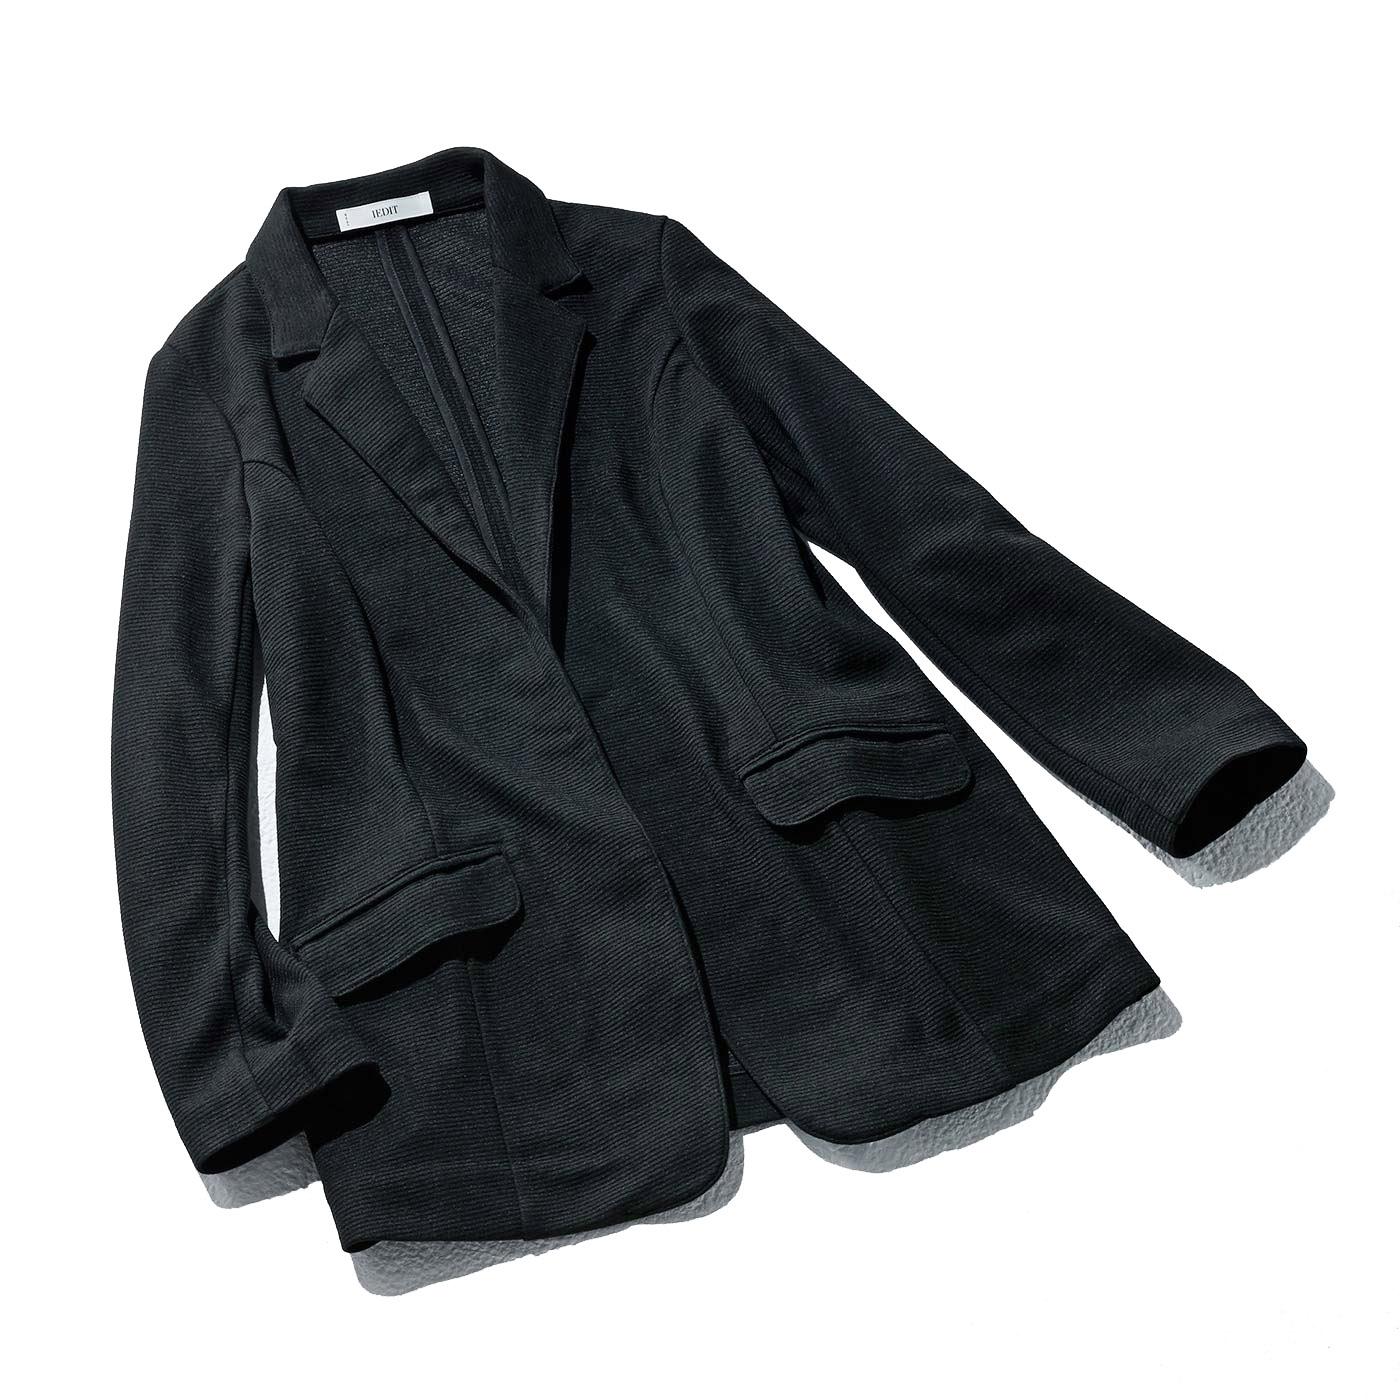 どんなコーデにも凛と決まる〈ブラック〉 抜け感を出しやすい細身の袖 プッシュアップが様になる、今年らしい袖デザイン。 ヒップをカバーする長めの丈感 やや細身のシルエット×長め丈のデザインは、体形をカバーして着やせをかなえます。